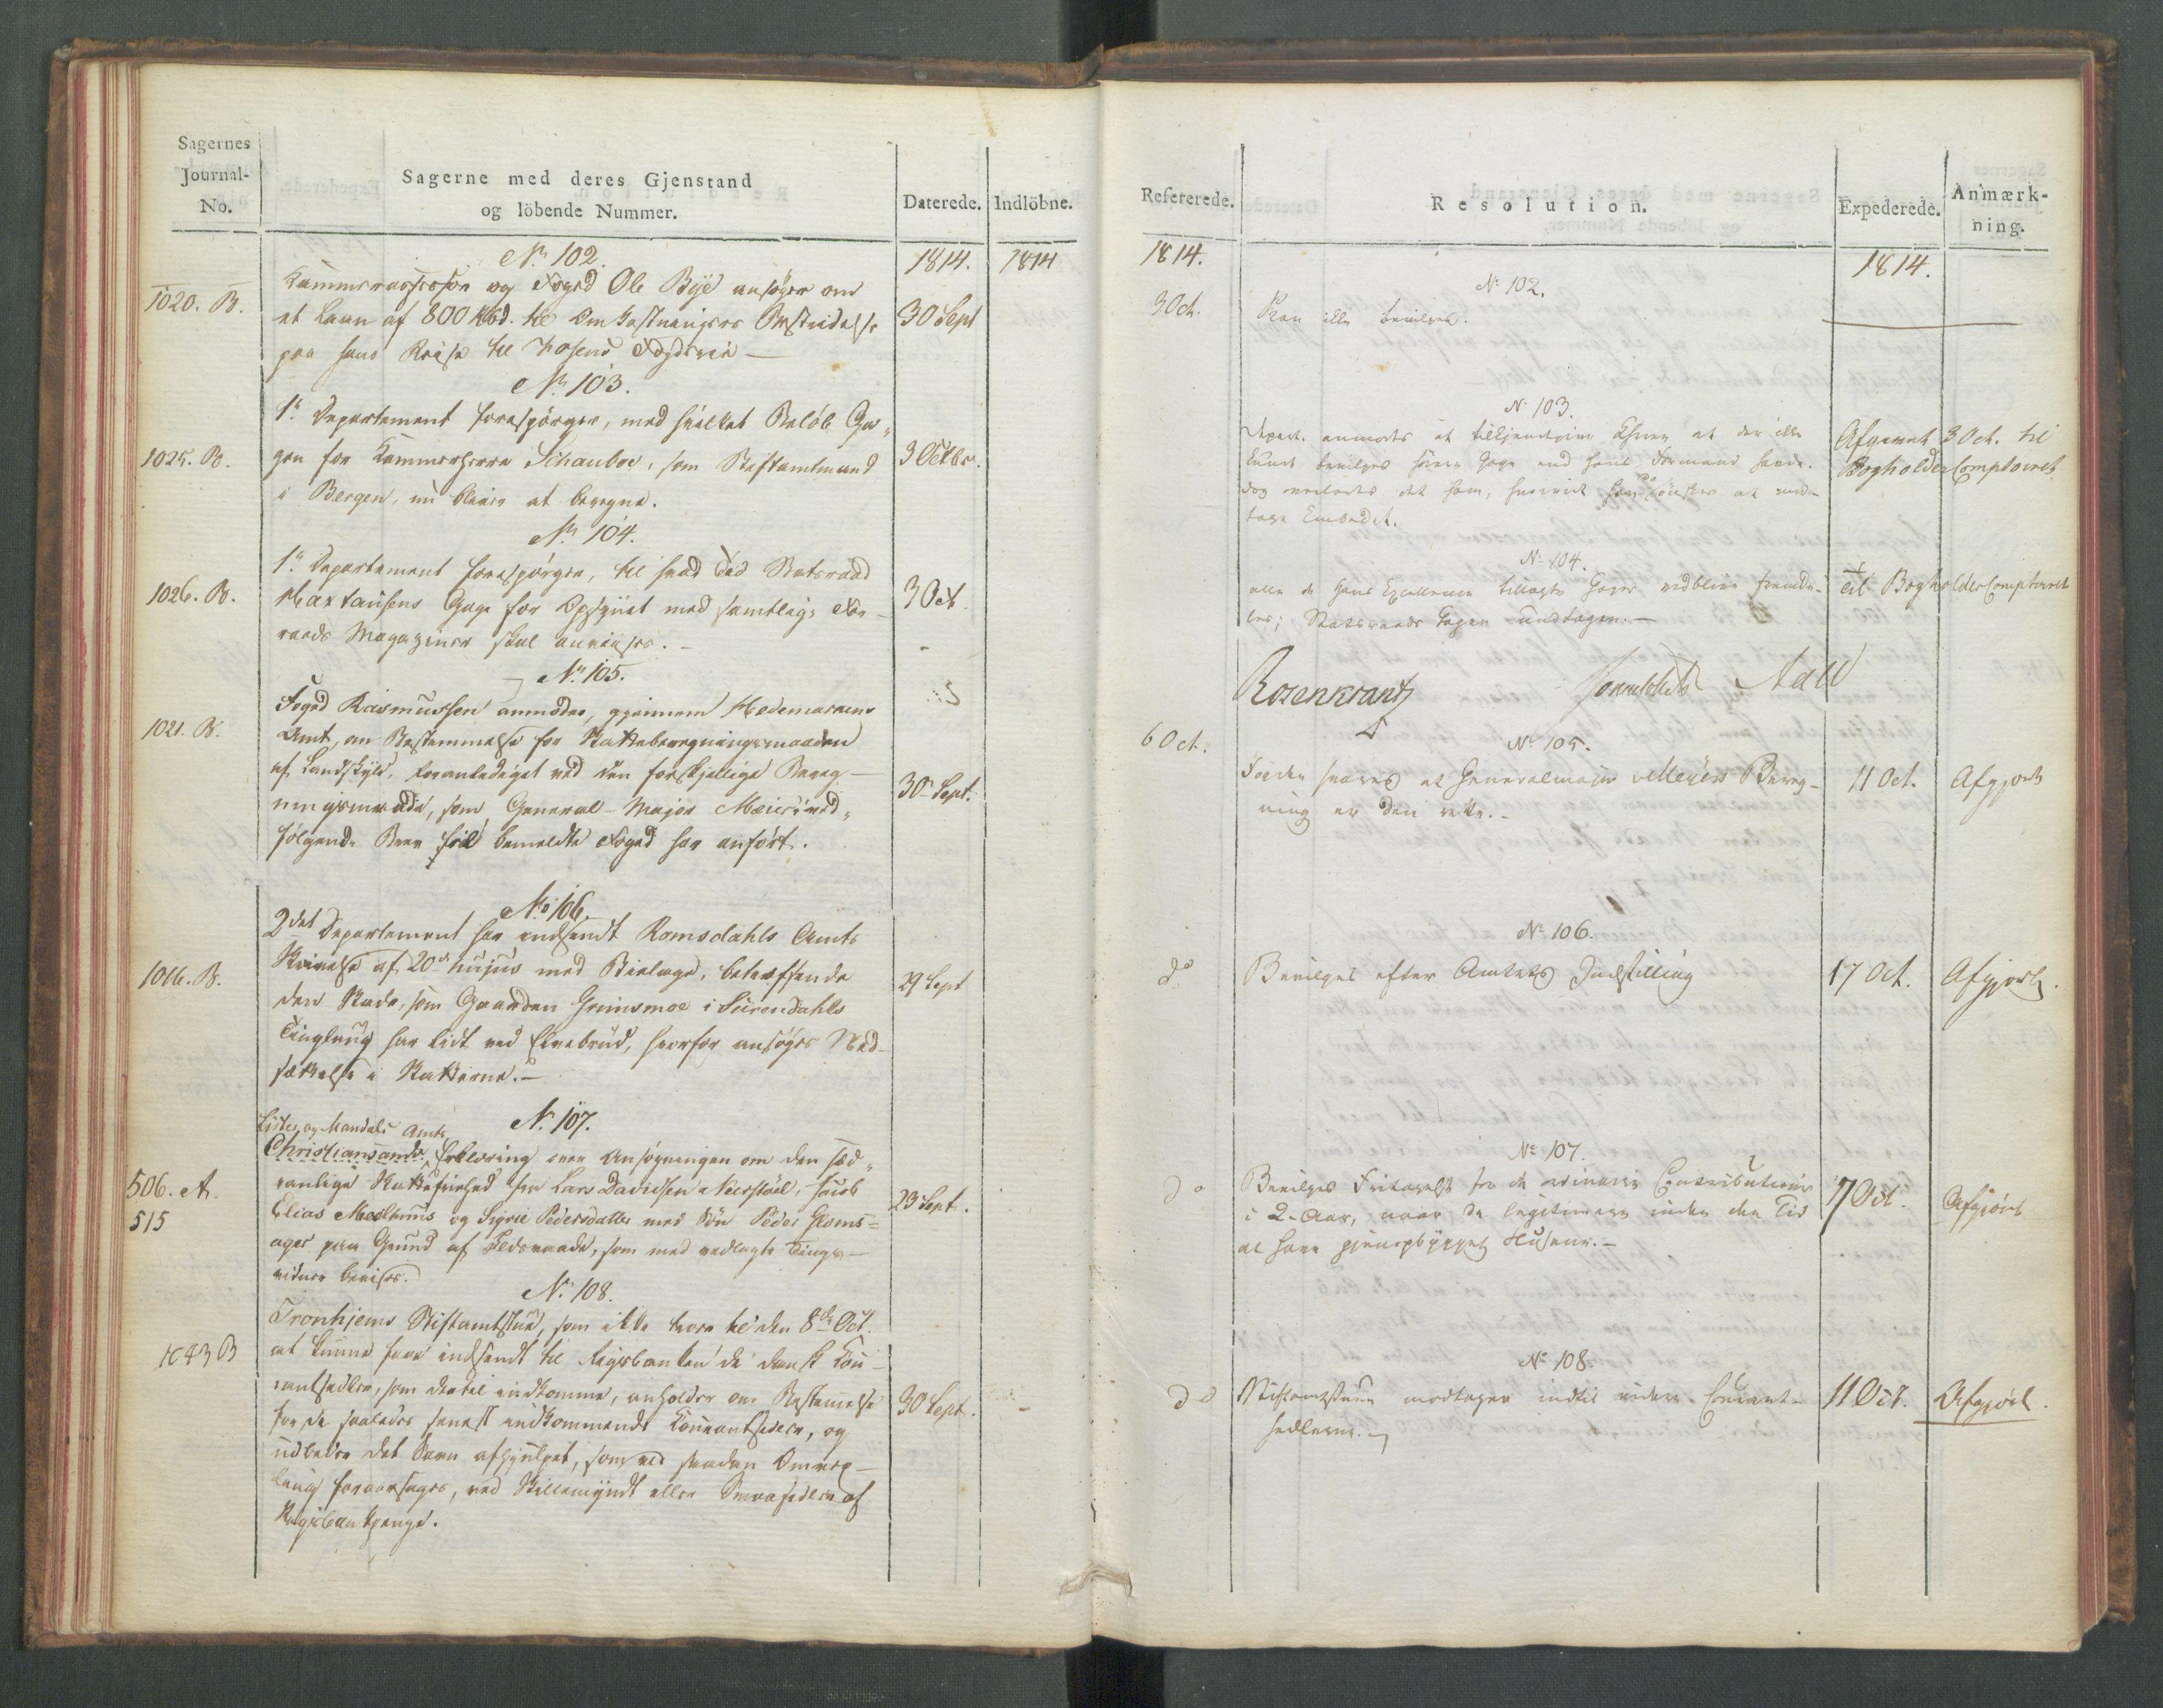 RA, Departementene i 1814, Fa/L0001: 1. byrå - Referatprotokoll m/ register 9-55, 1814, s. 25